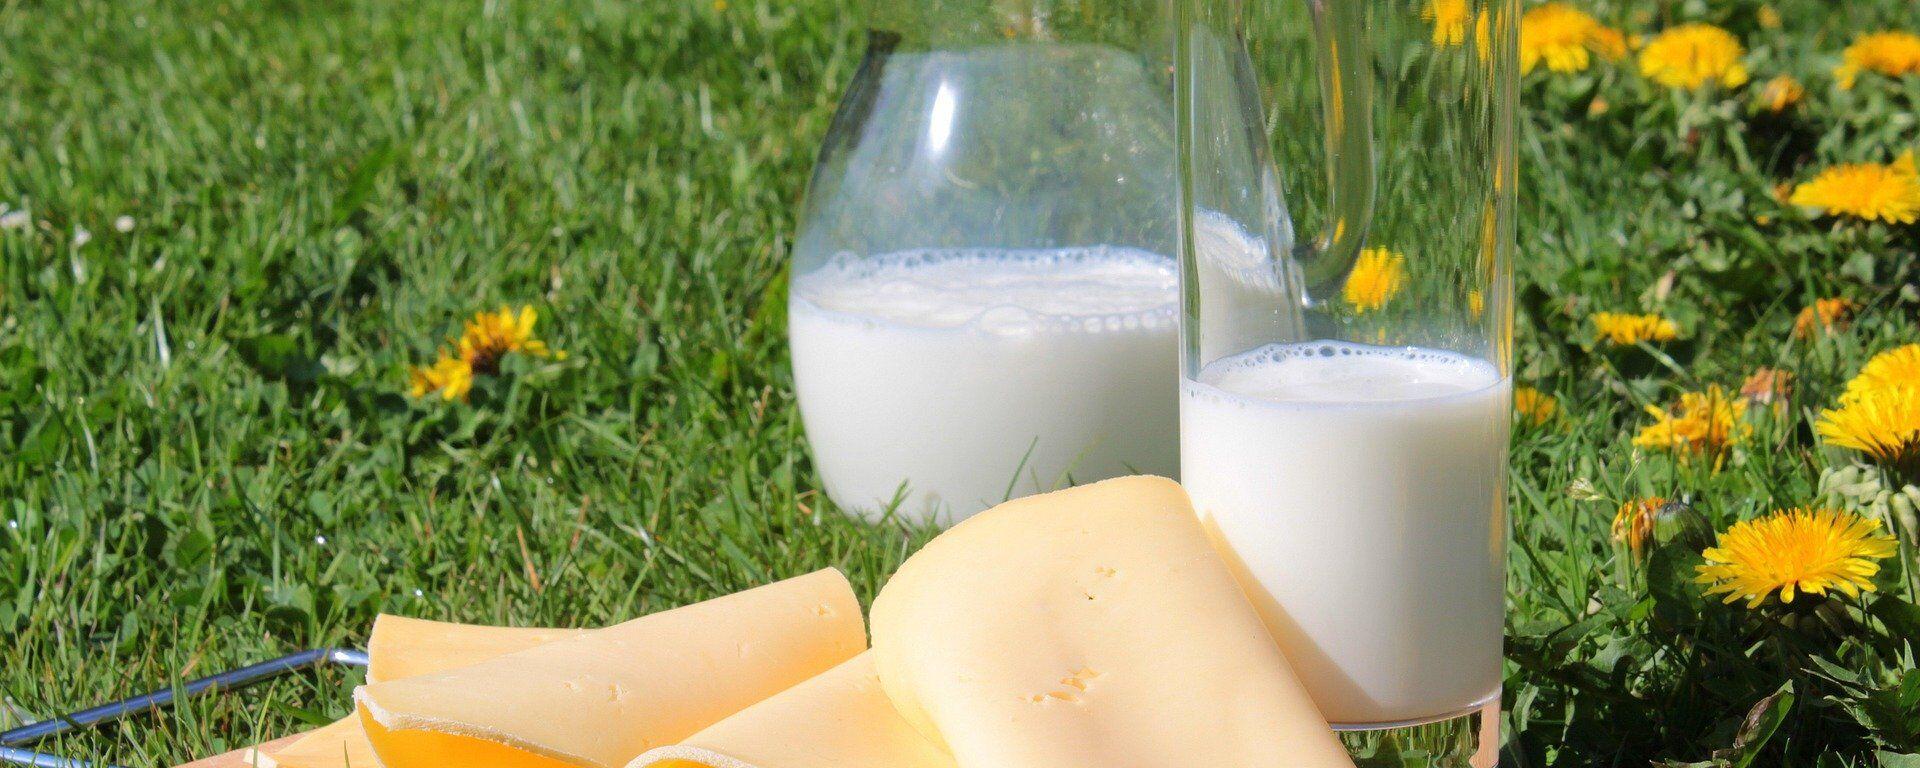 Молочные продукты - Sputnik Латвия, 1920, 18.08.2021